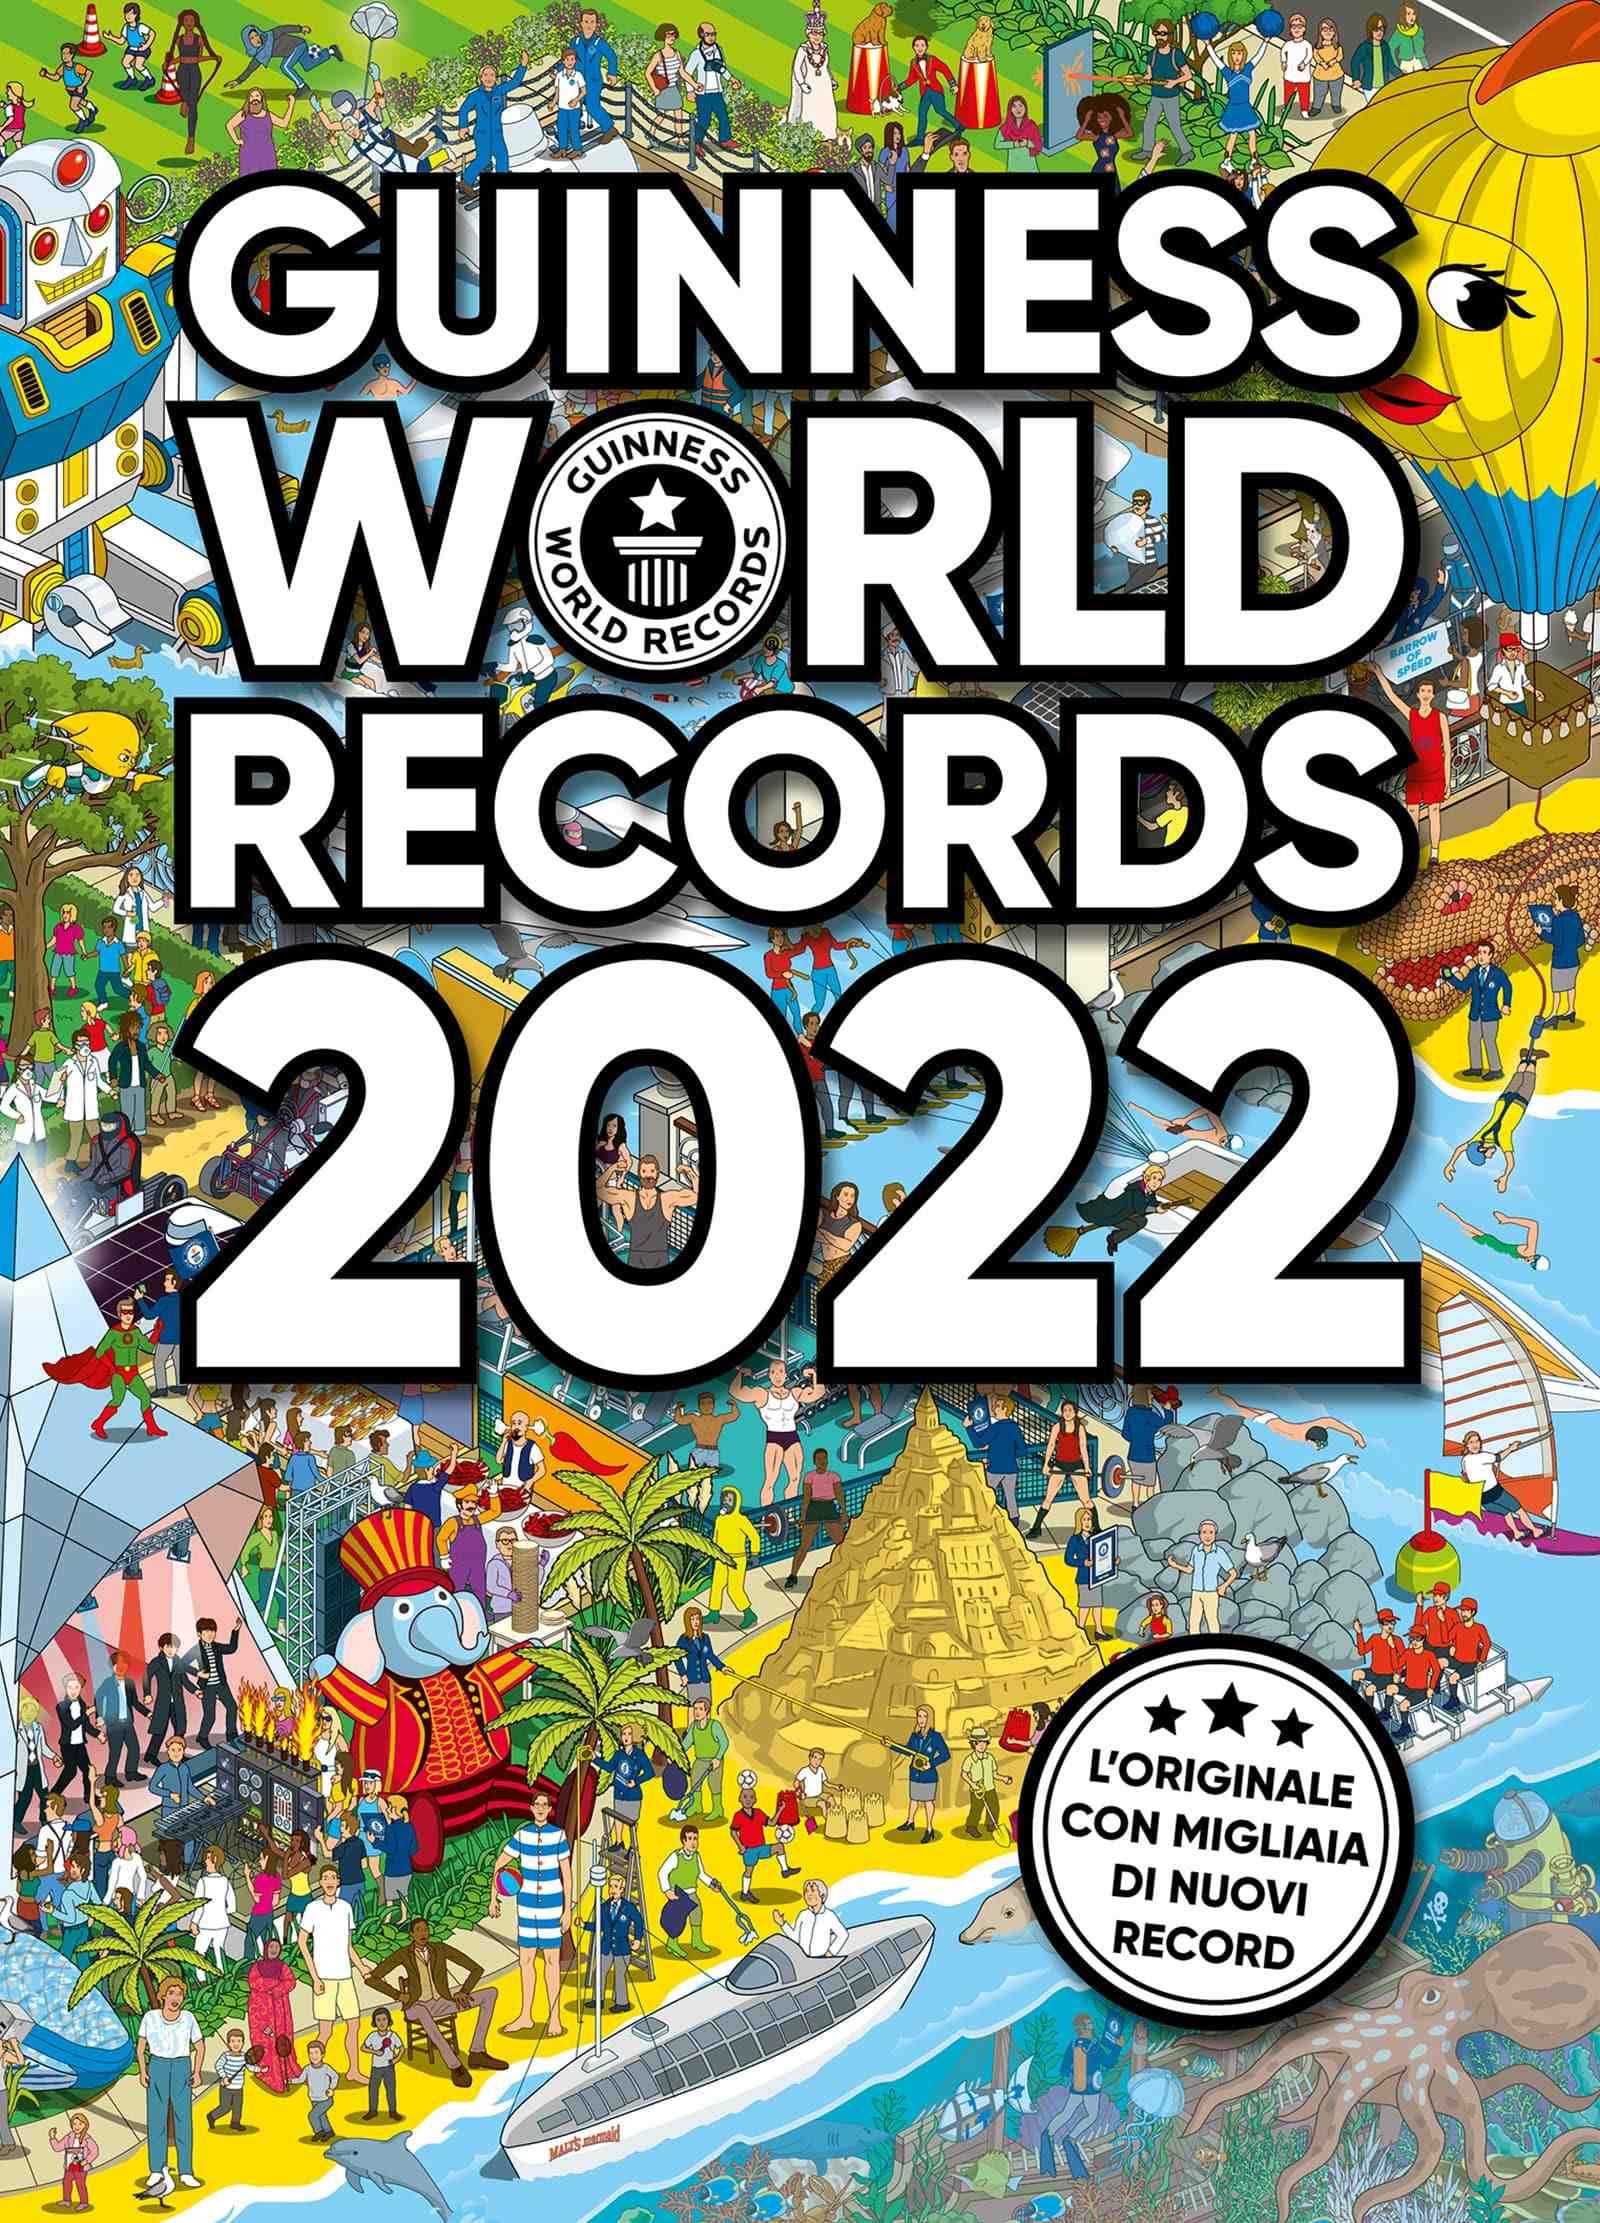 ESCE OGGI IN CONTEMPORANEA MONDIALE IL GUINNESS WORLD RECORDS 2022